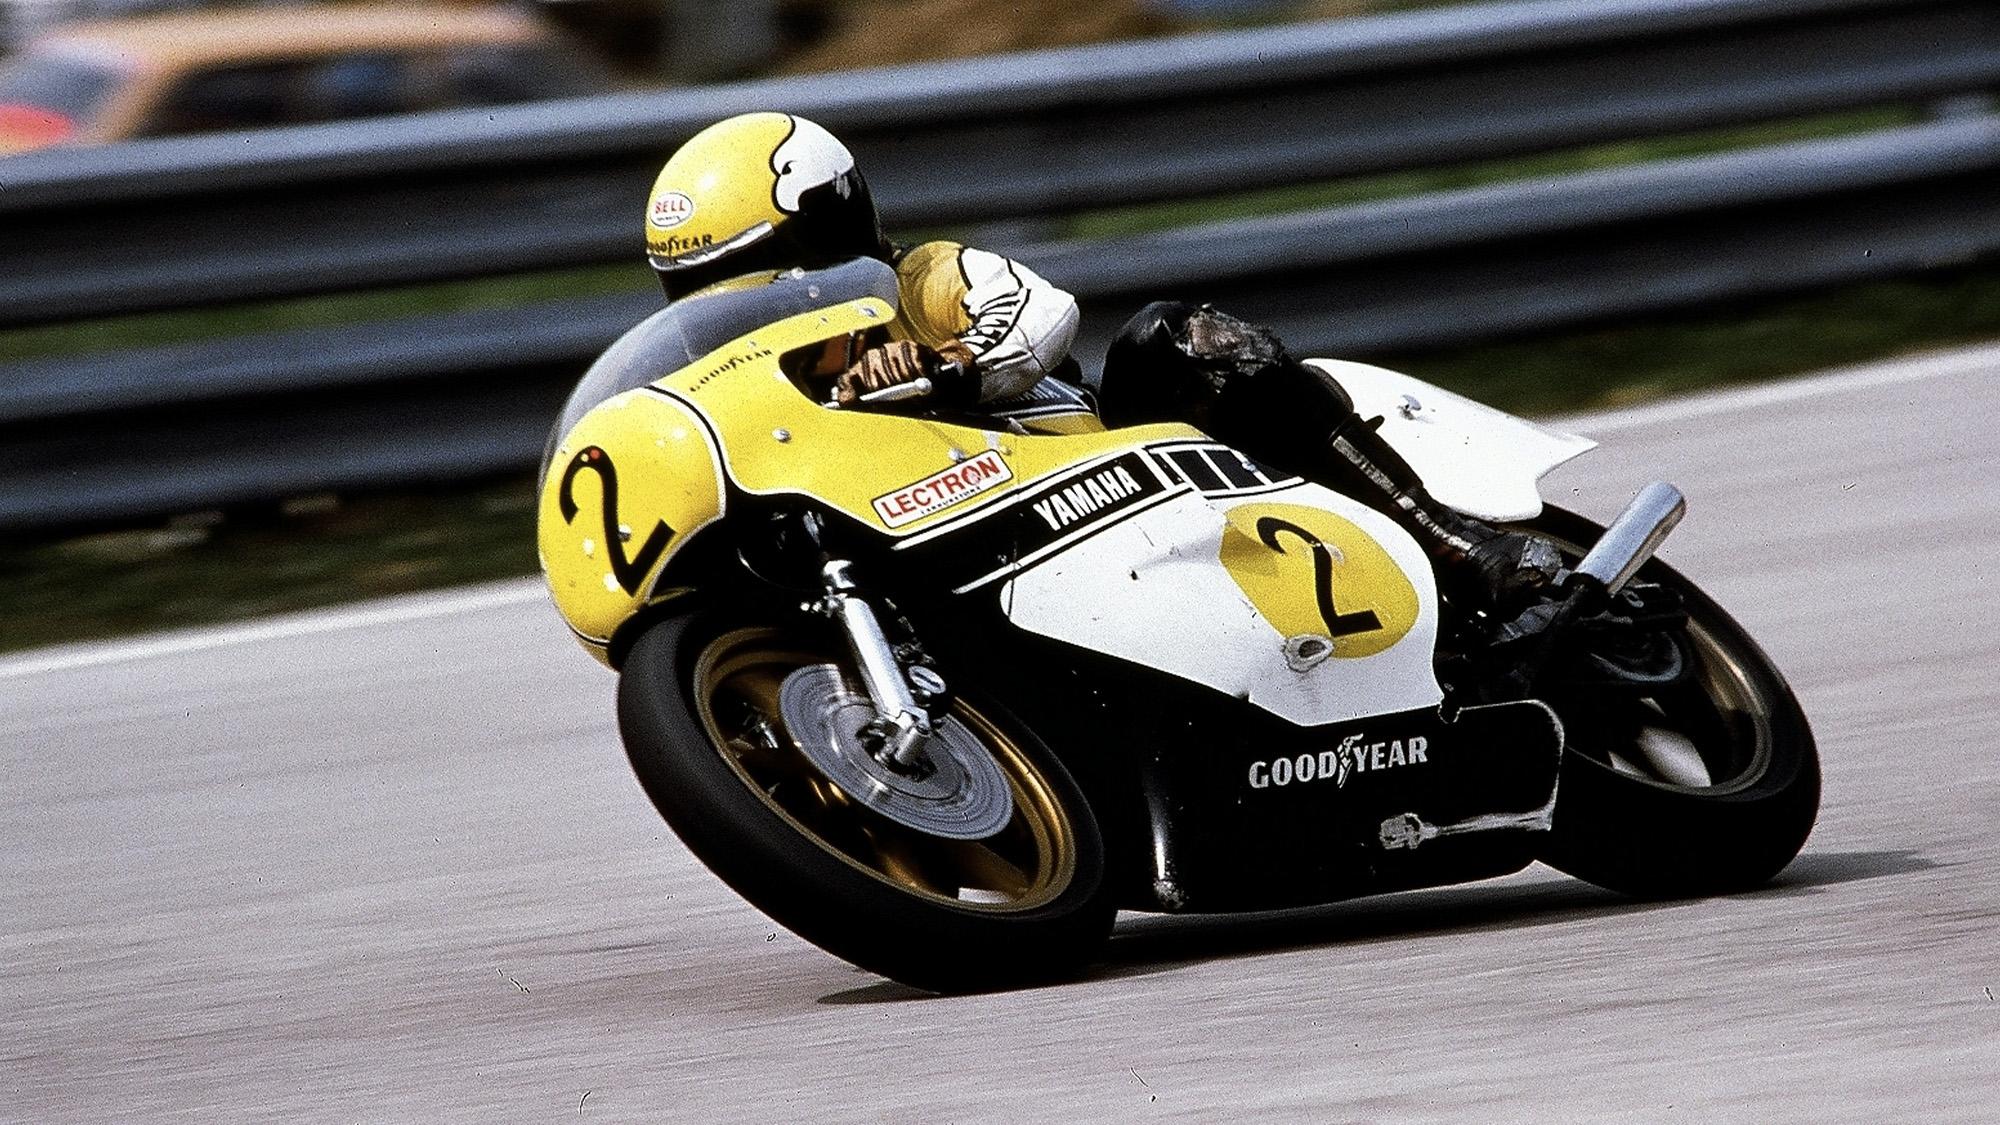 Kenny Roberts in 1978 on a Yamaha USA bike